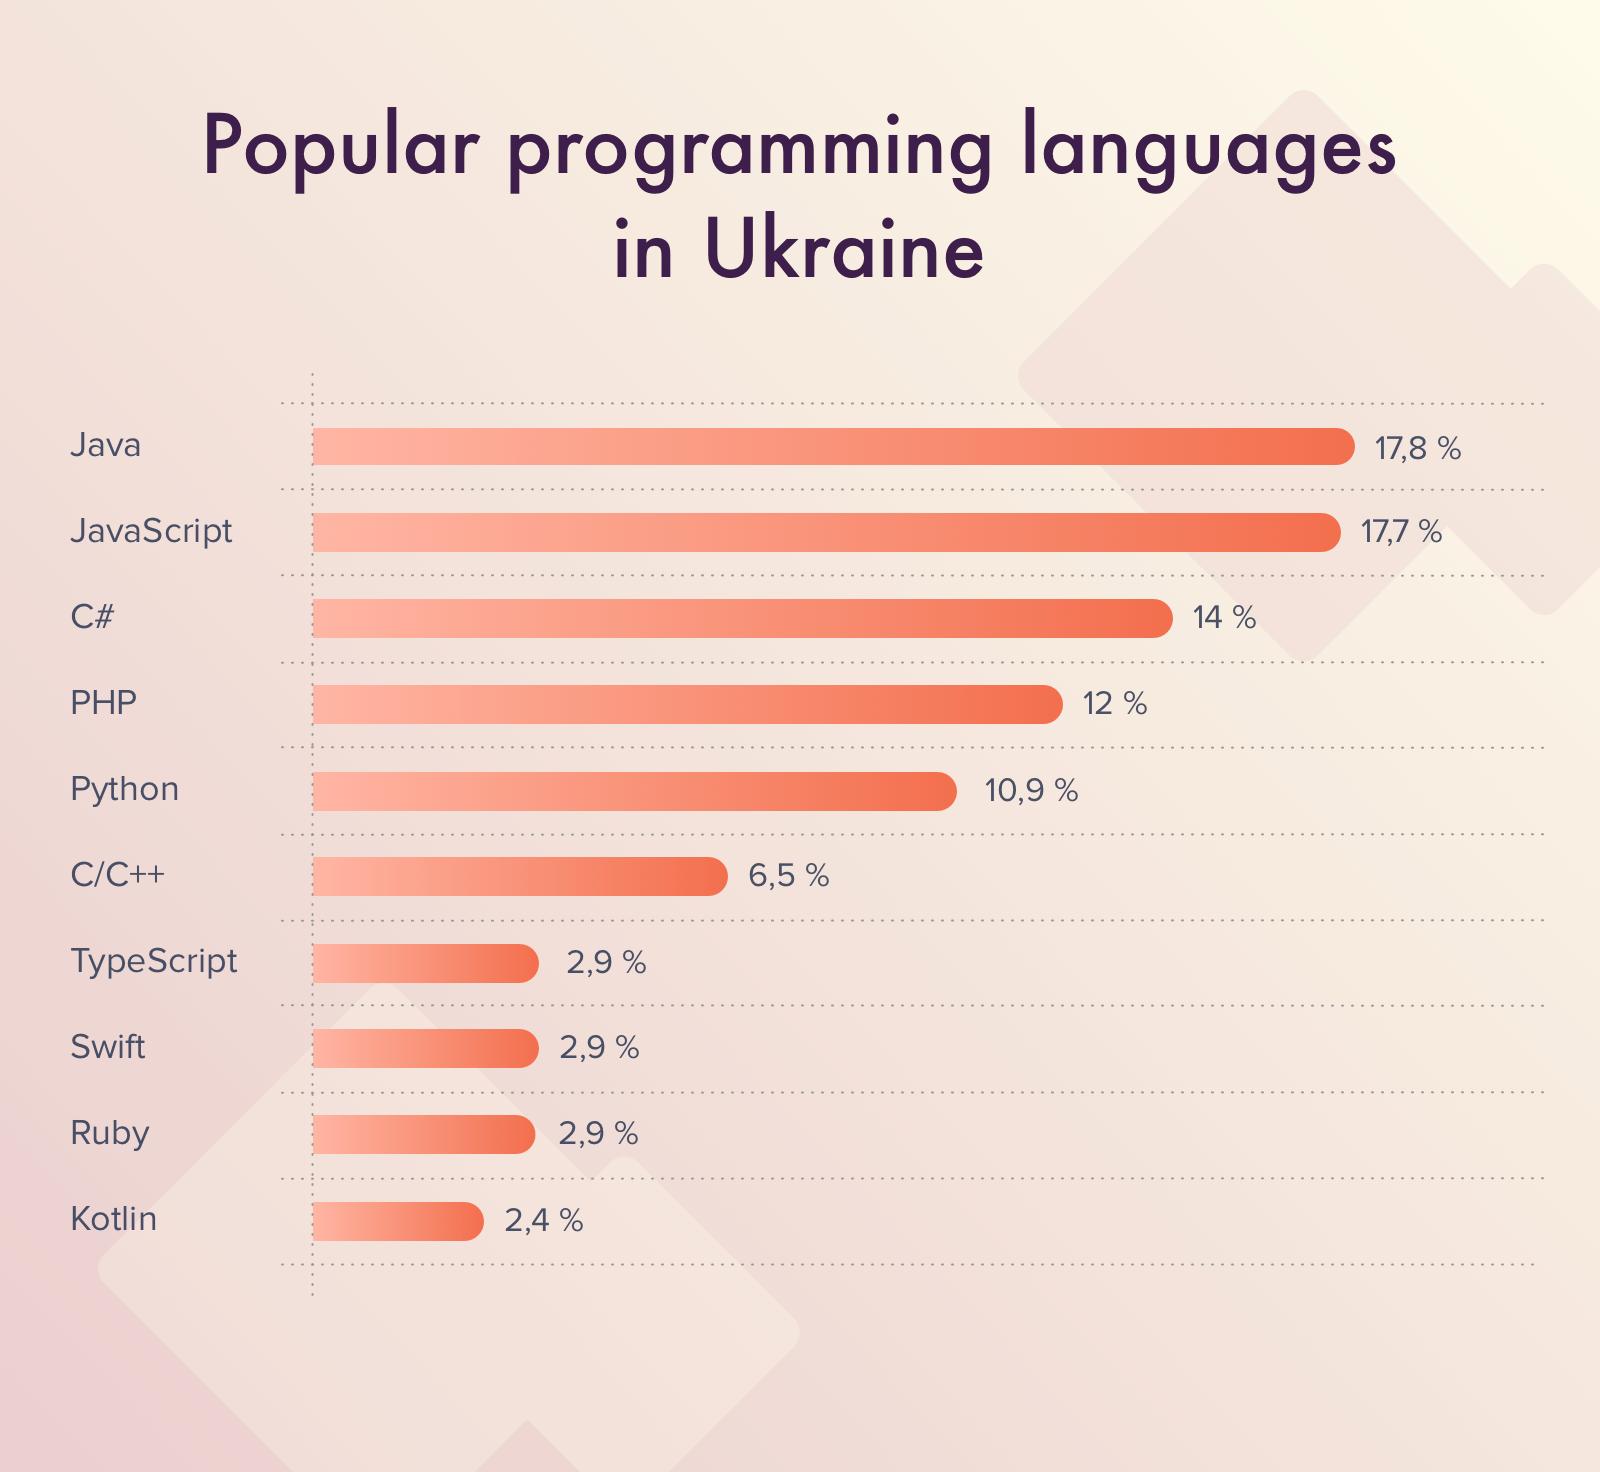 Popular programming languages in Ukraine